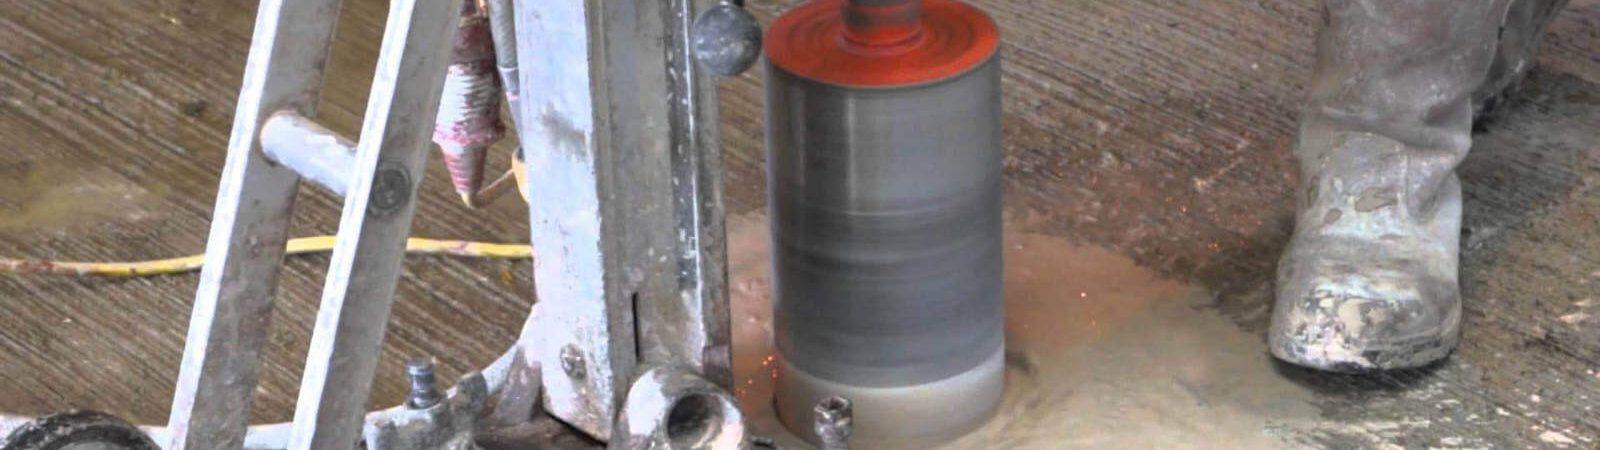 Чем сверлить бетон: выбор инструментов для алмазного сверления